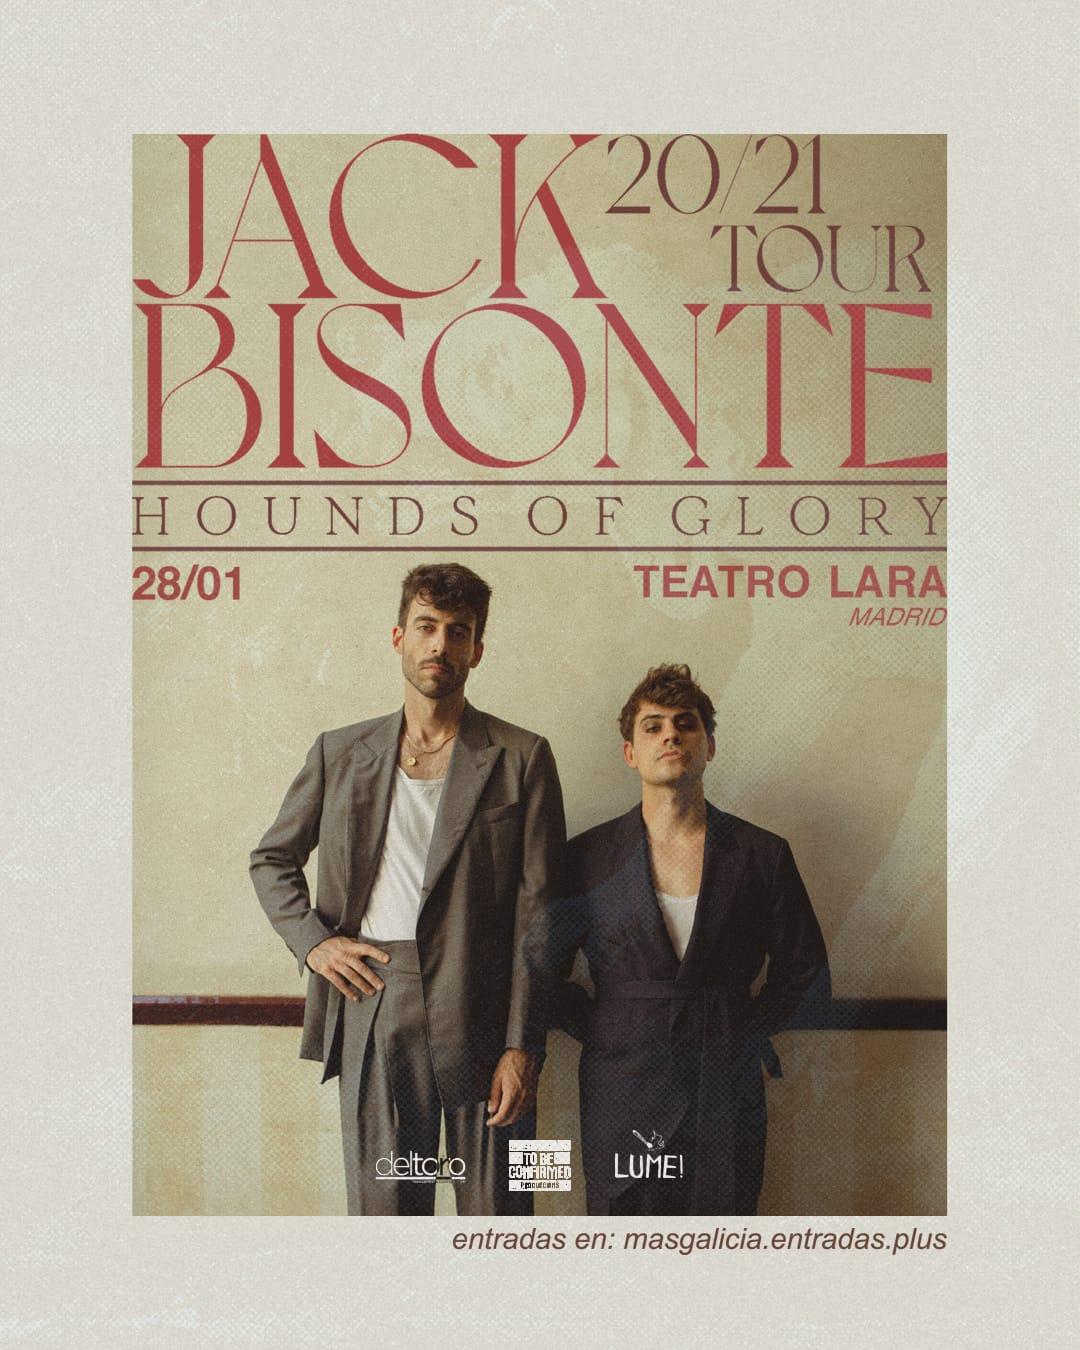 Los conciertos en la nueva normalidad - Página 8 Jackbisonte